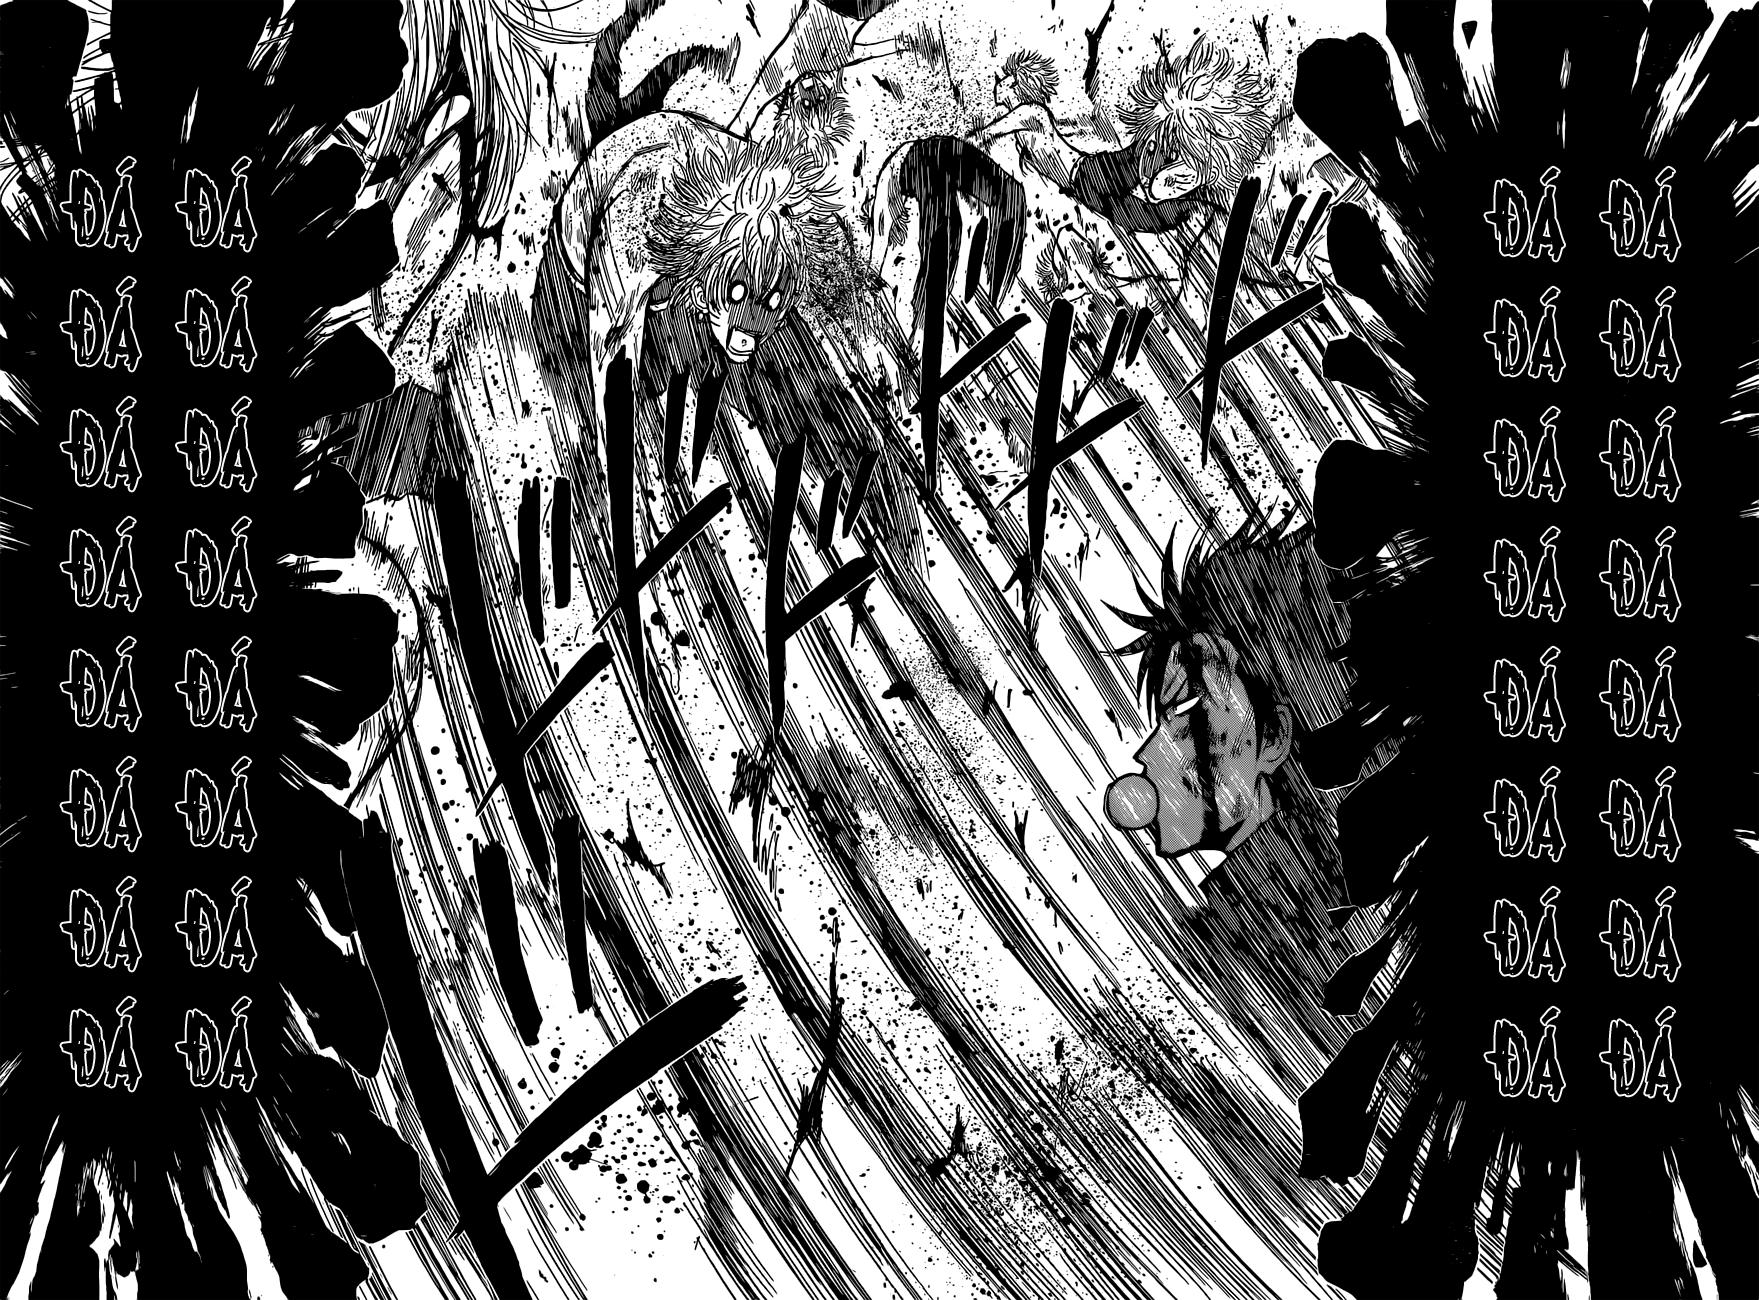 Vua Quỷ - Beelzebub tap 196 - 15